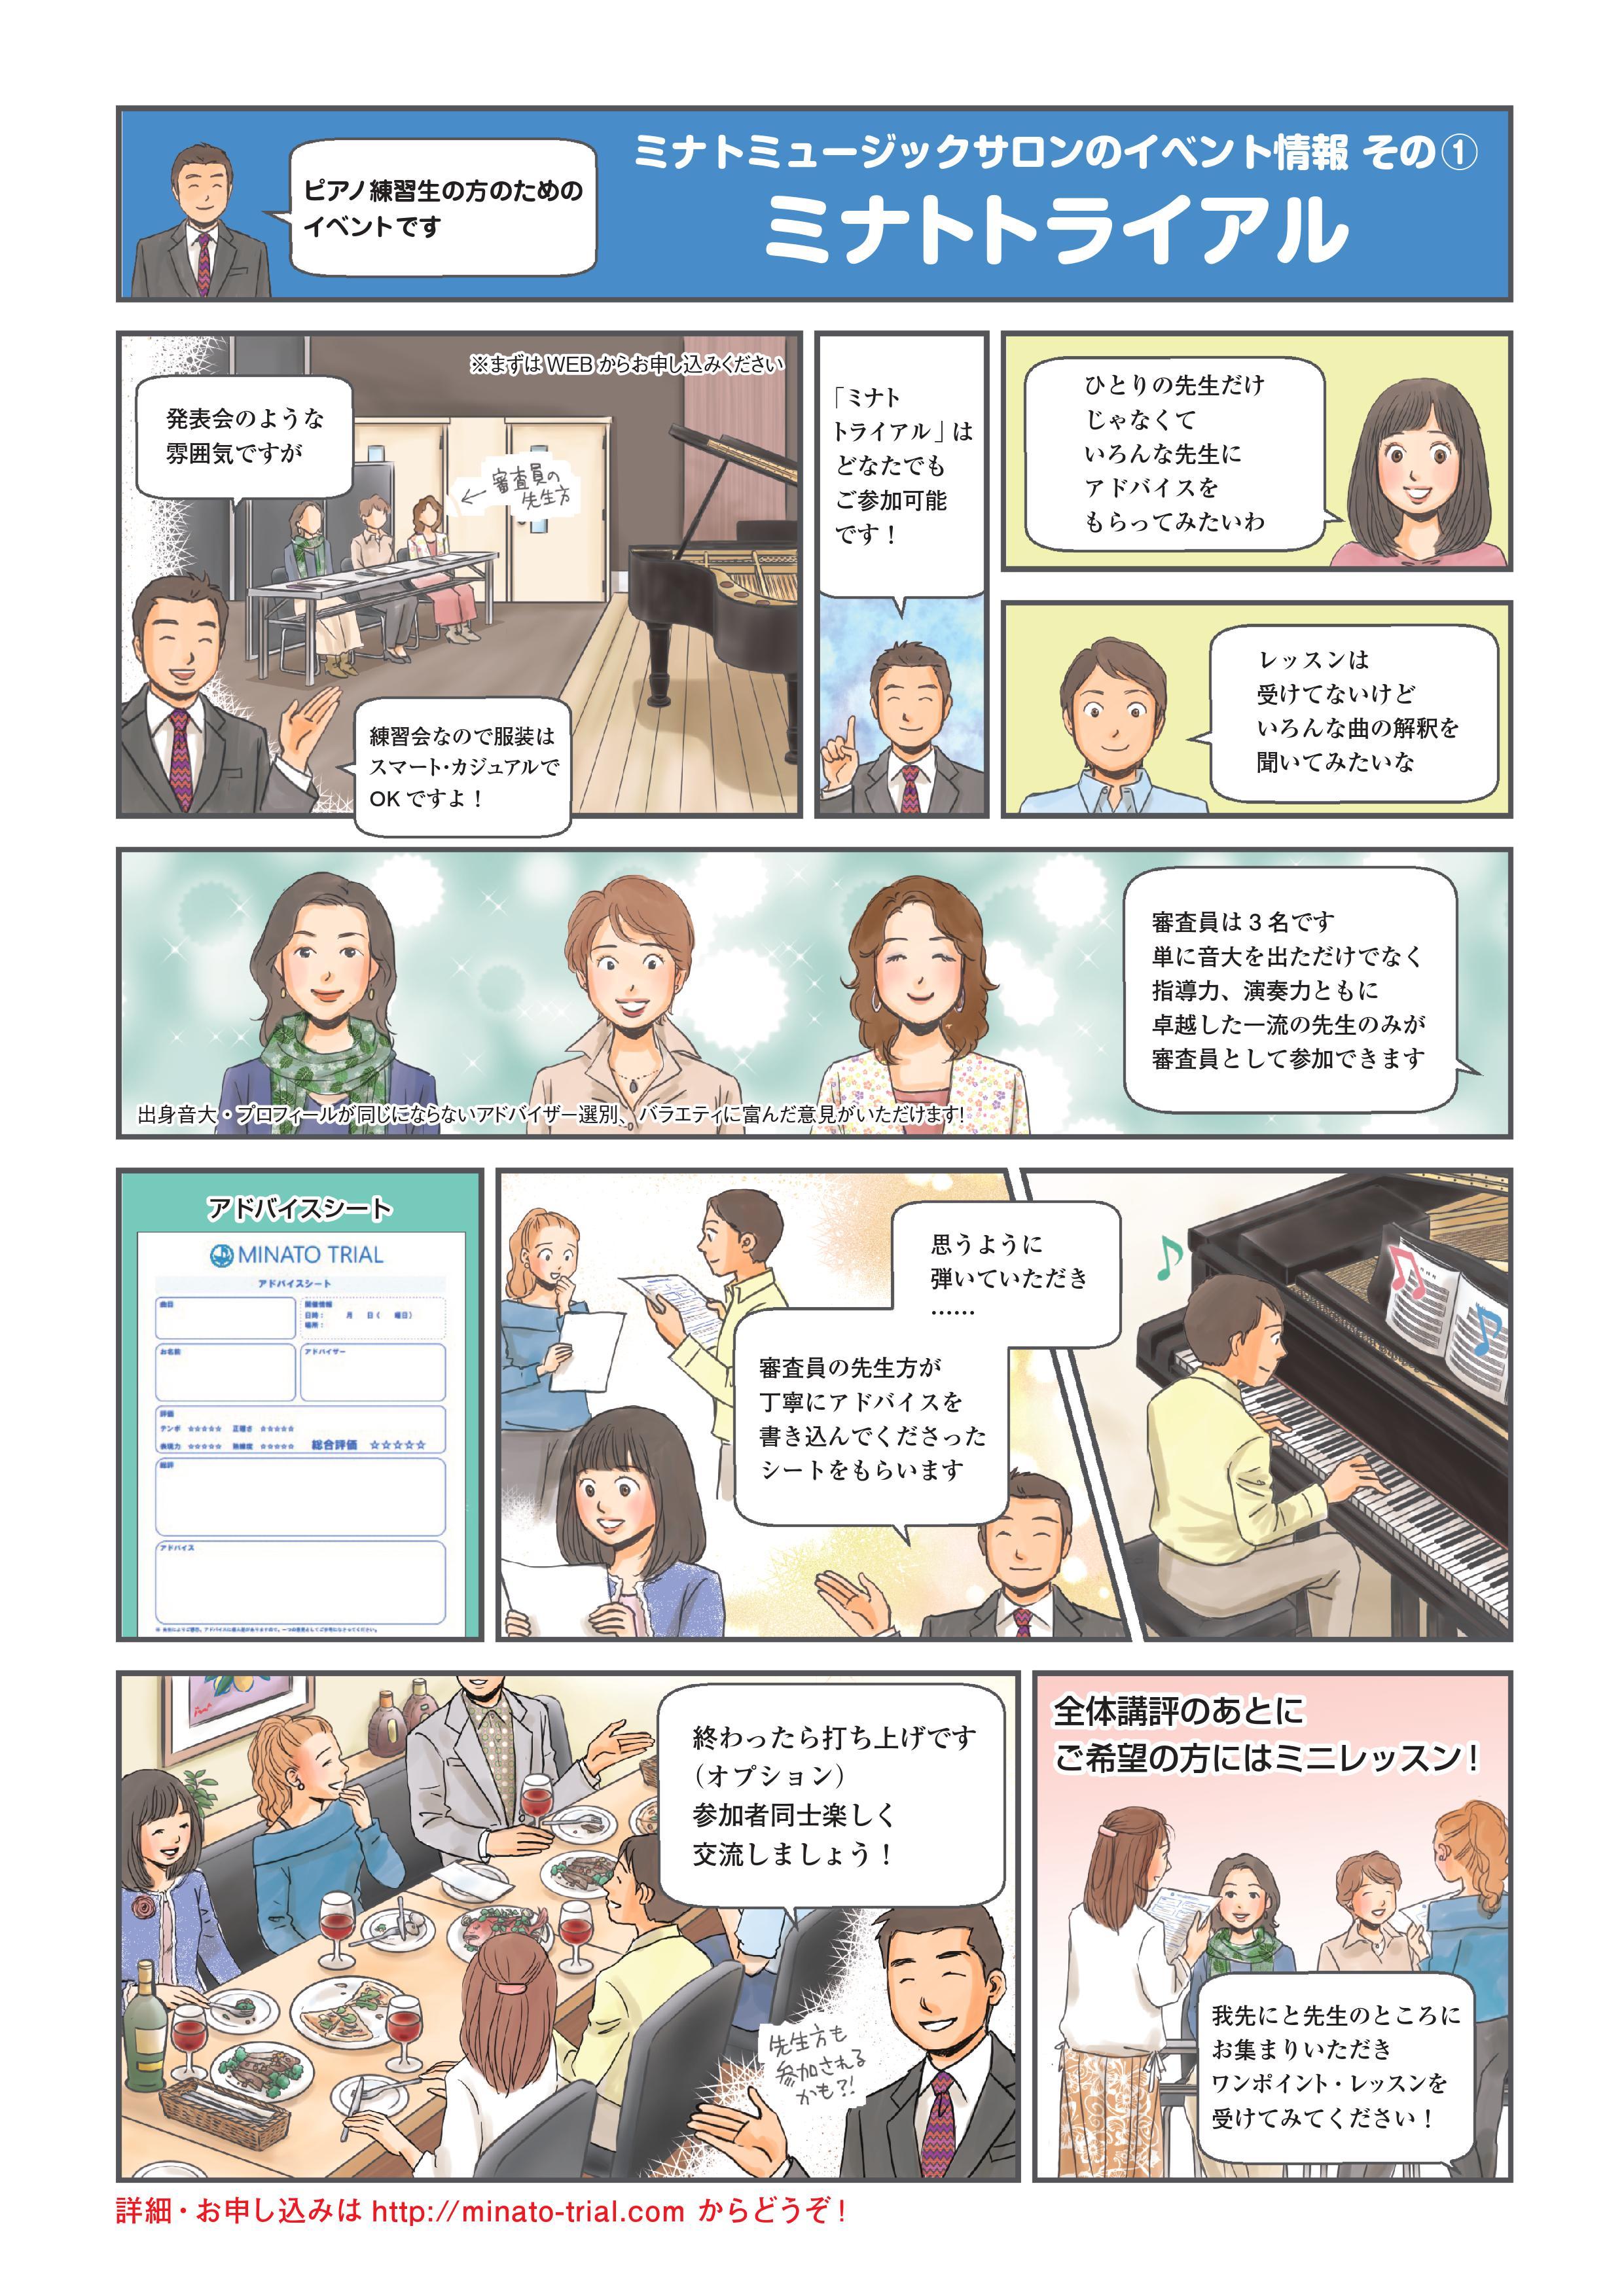 一般の方も参加できるピアノの練習会。気軽にいろいろな先生の意見を聞きたい方からコンクール対策にも最適です。